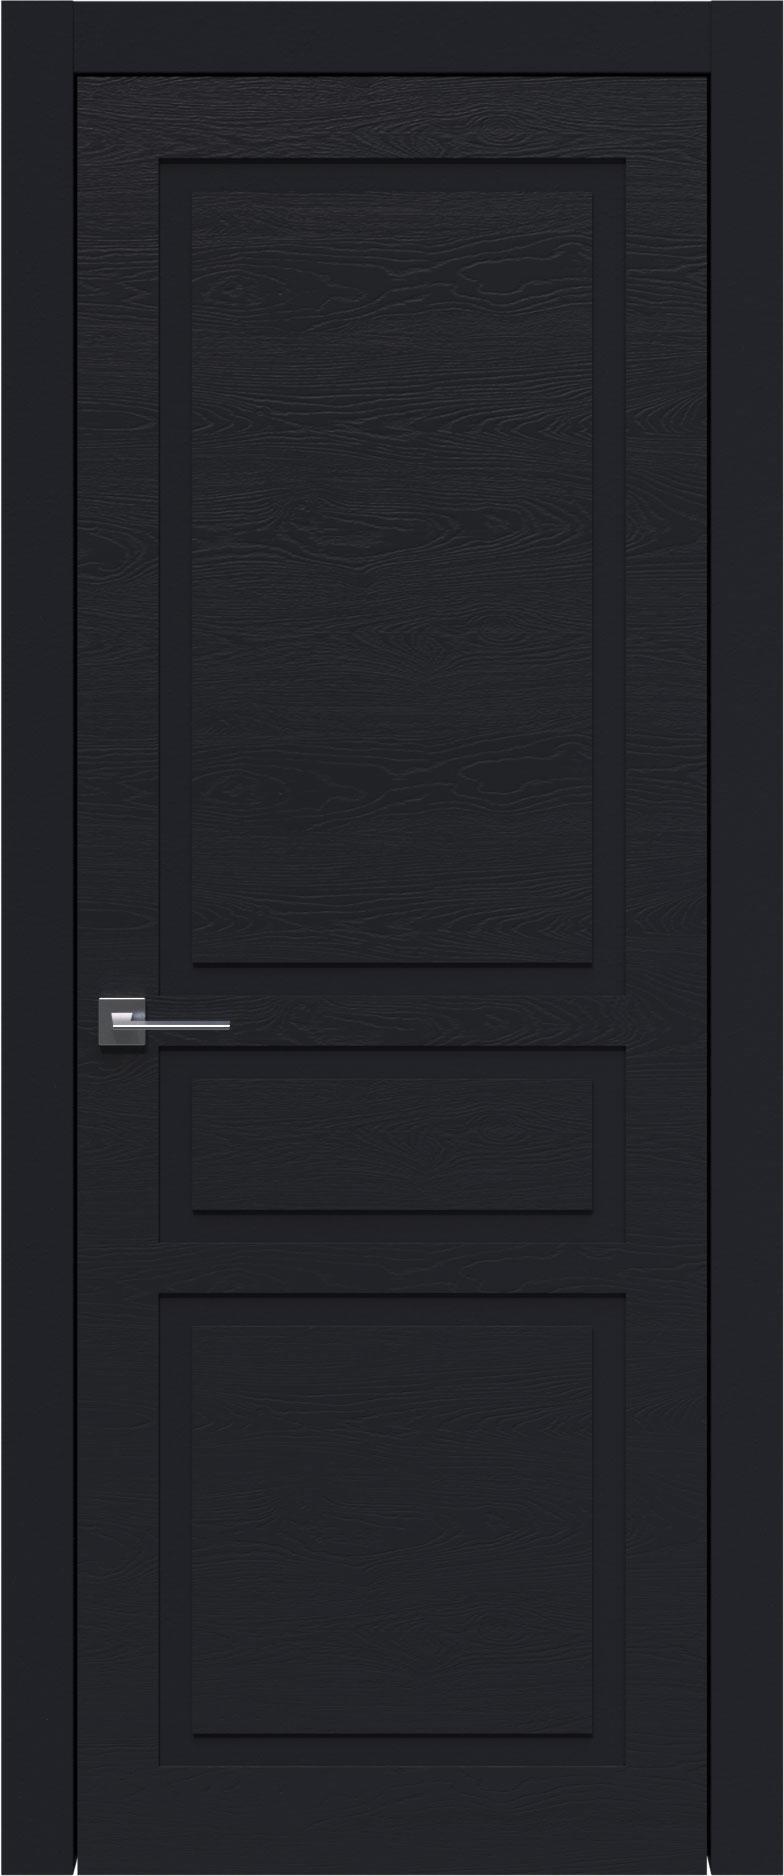 Tivoli Е-5 цвет - Черная эмаль по шпону (RAL 9004) Без стекла (ДГ)